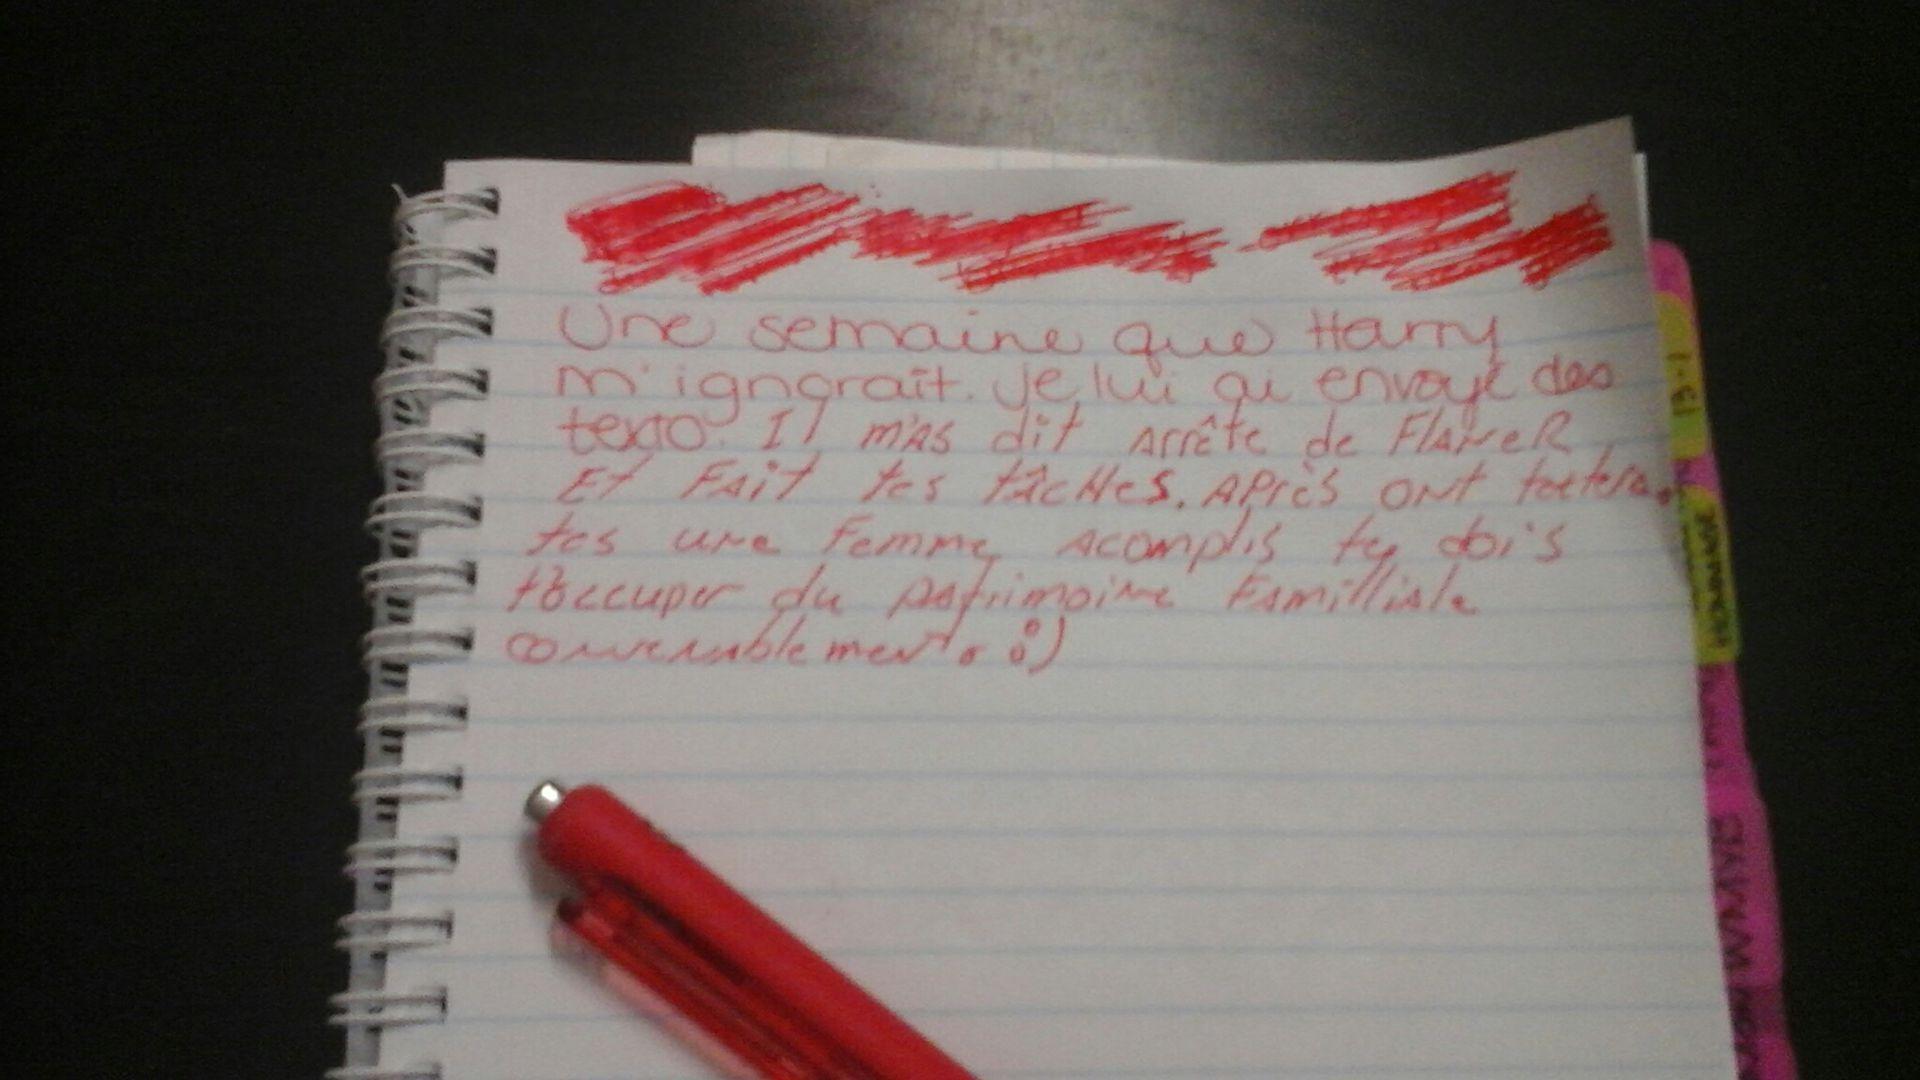 J'ai laissé mon cahier d'écriture sur la table du salon et mon chum a voulu m'aider à écrire la fin de mon chapitre